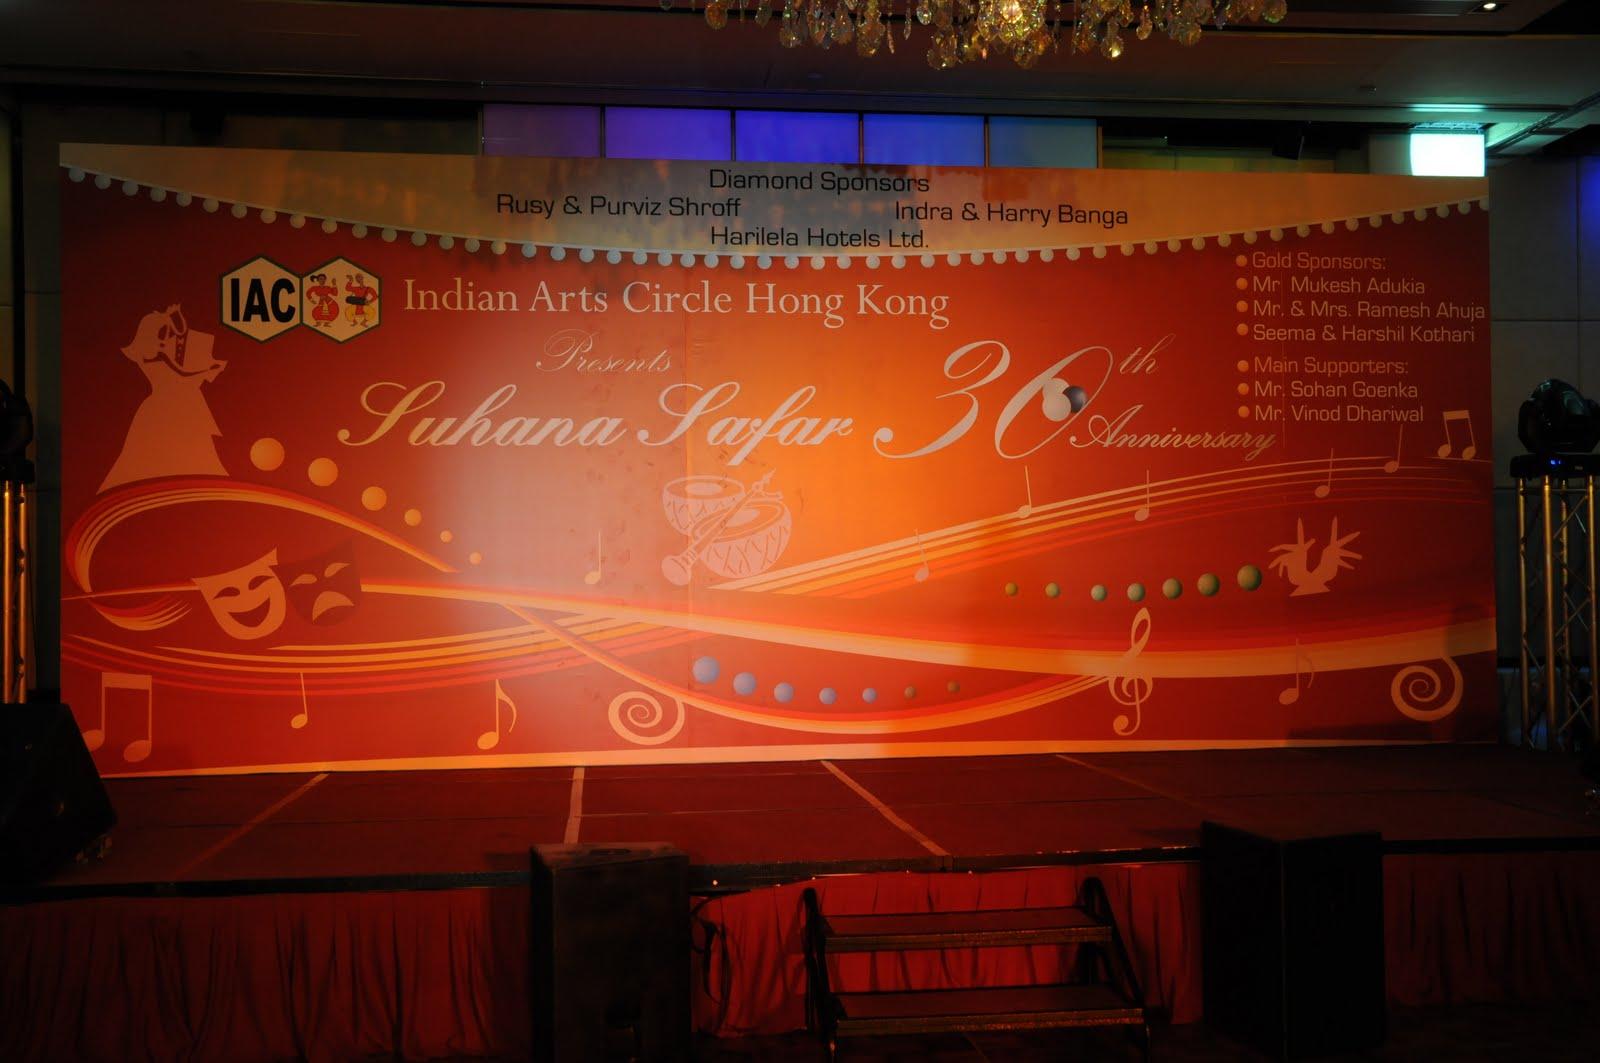 Suhana Safar 30th Anniversary